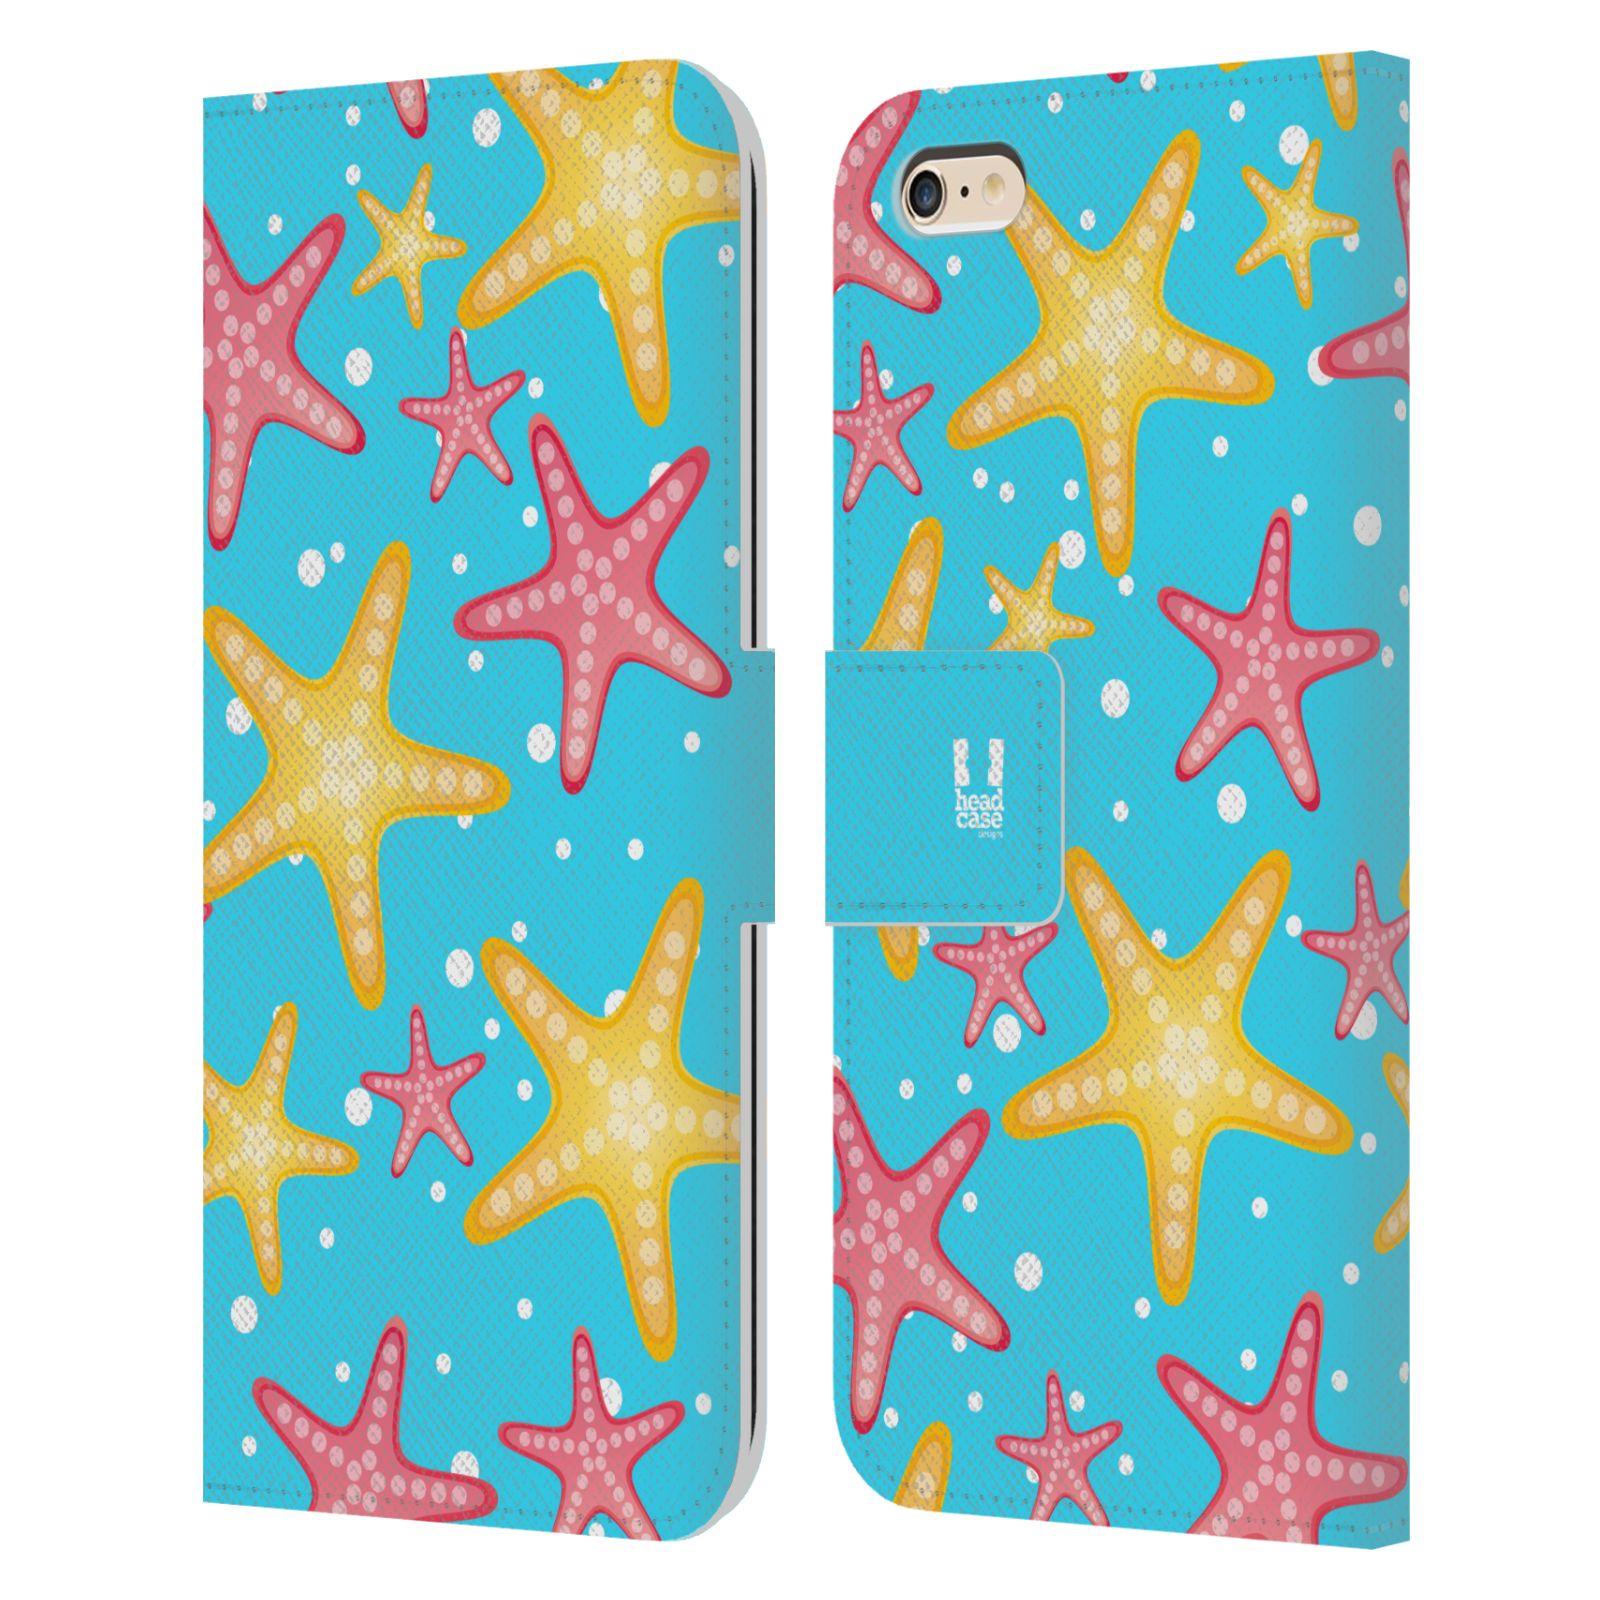 HEAD CASE Flipové pouzdro pro mobil Apple Iphone 6 PLUS / 6S PLUS Mořský živočich hvězdice modrá barva pozadí